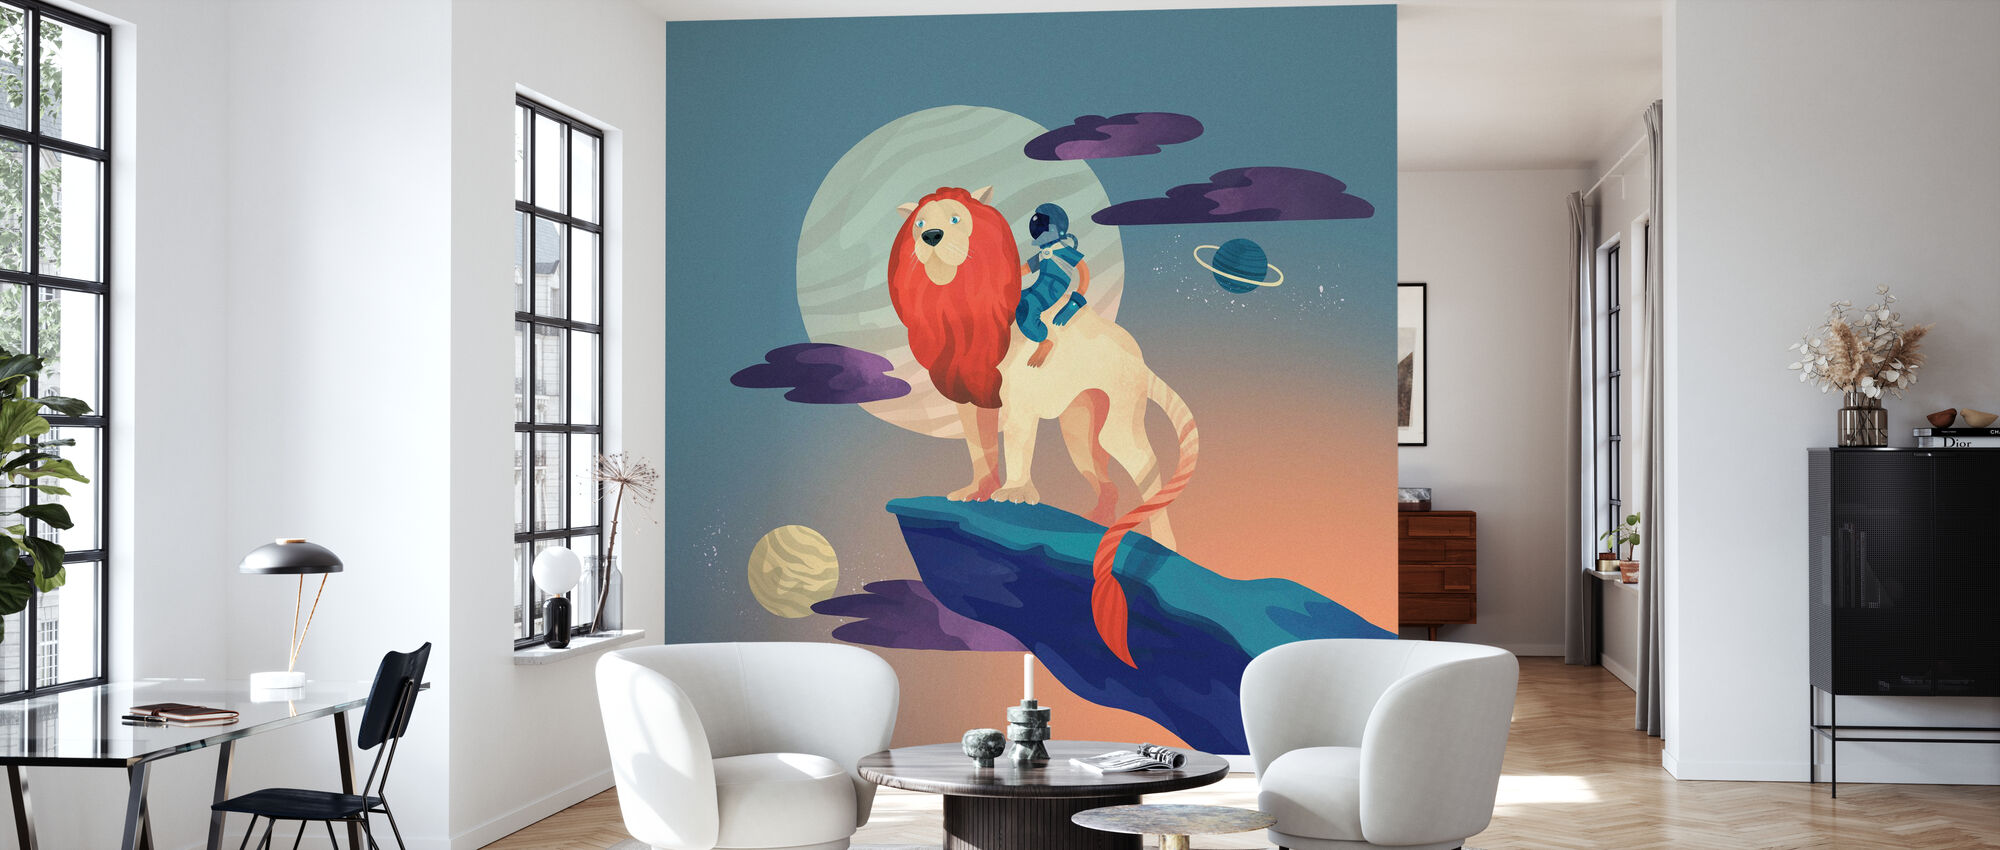 Weltraum Löwe - Tapete - Wohnzimmer